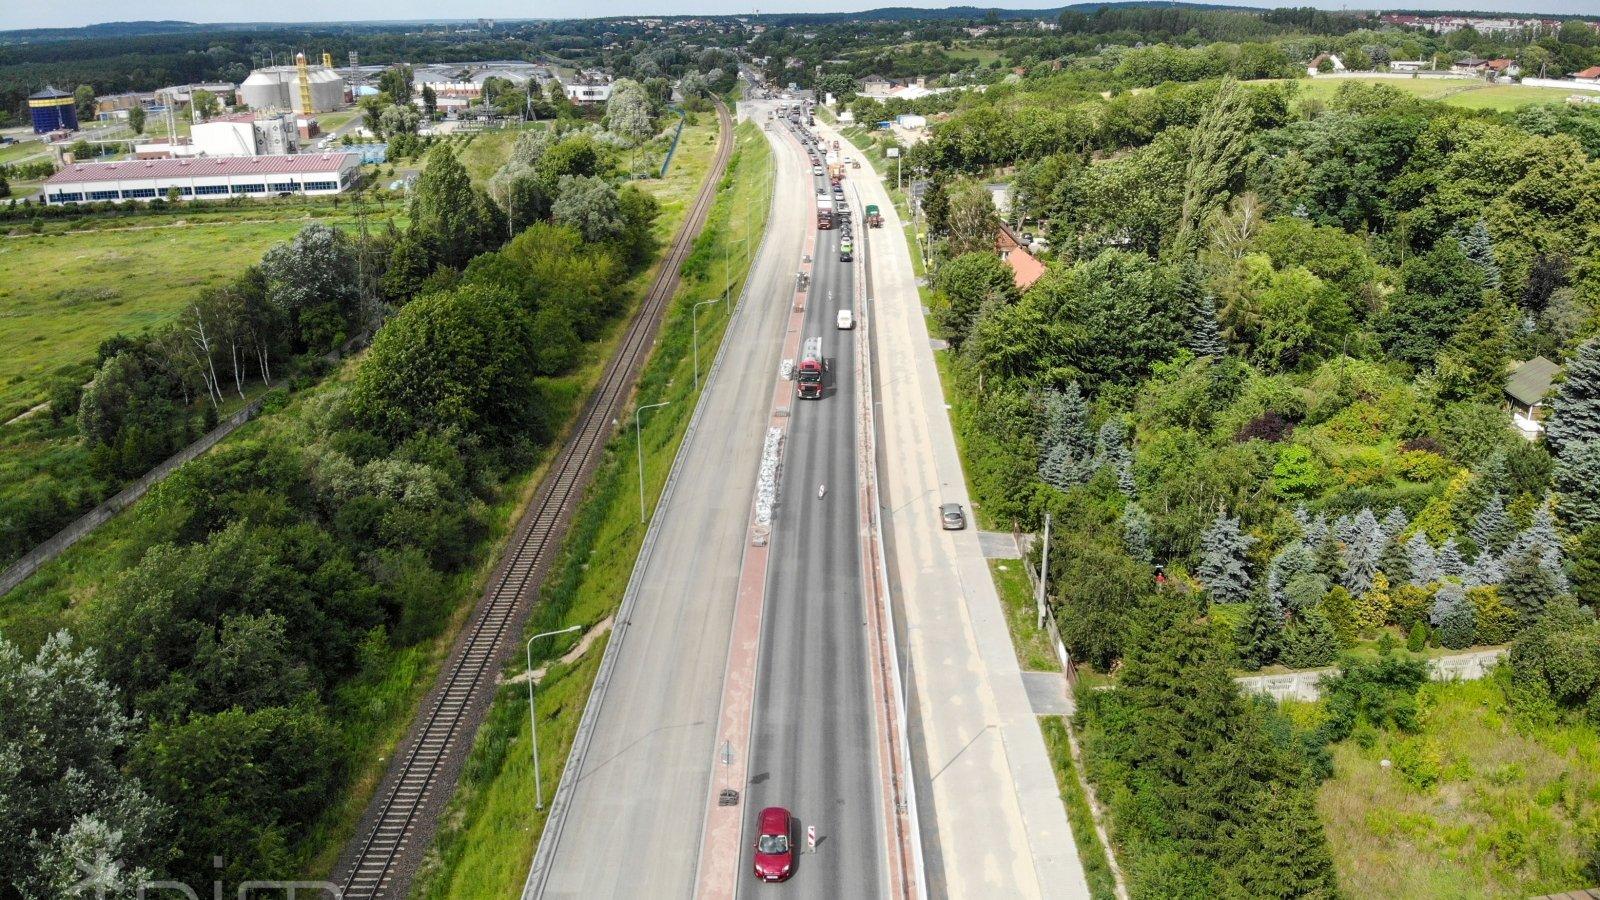 Przebudowa ul. Gdyńskiej: wraca ruch w obu kierunkach na ul. Piaskowej i Poznańskiej - grafika artykułu